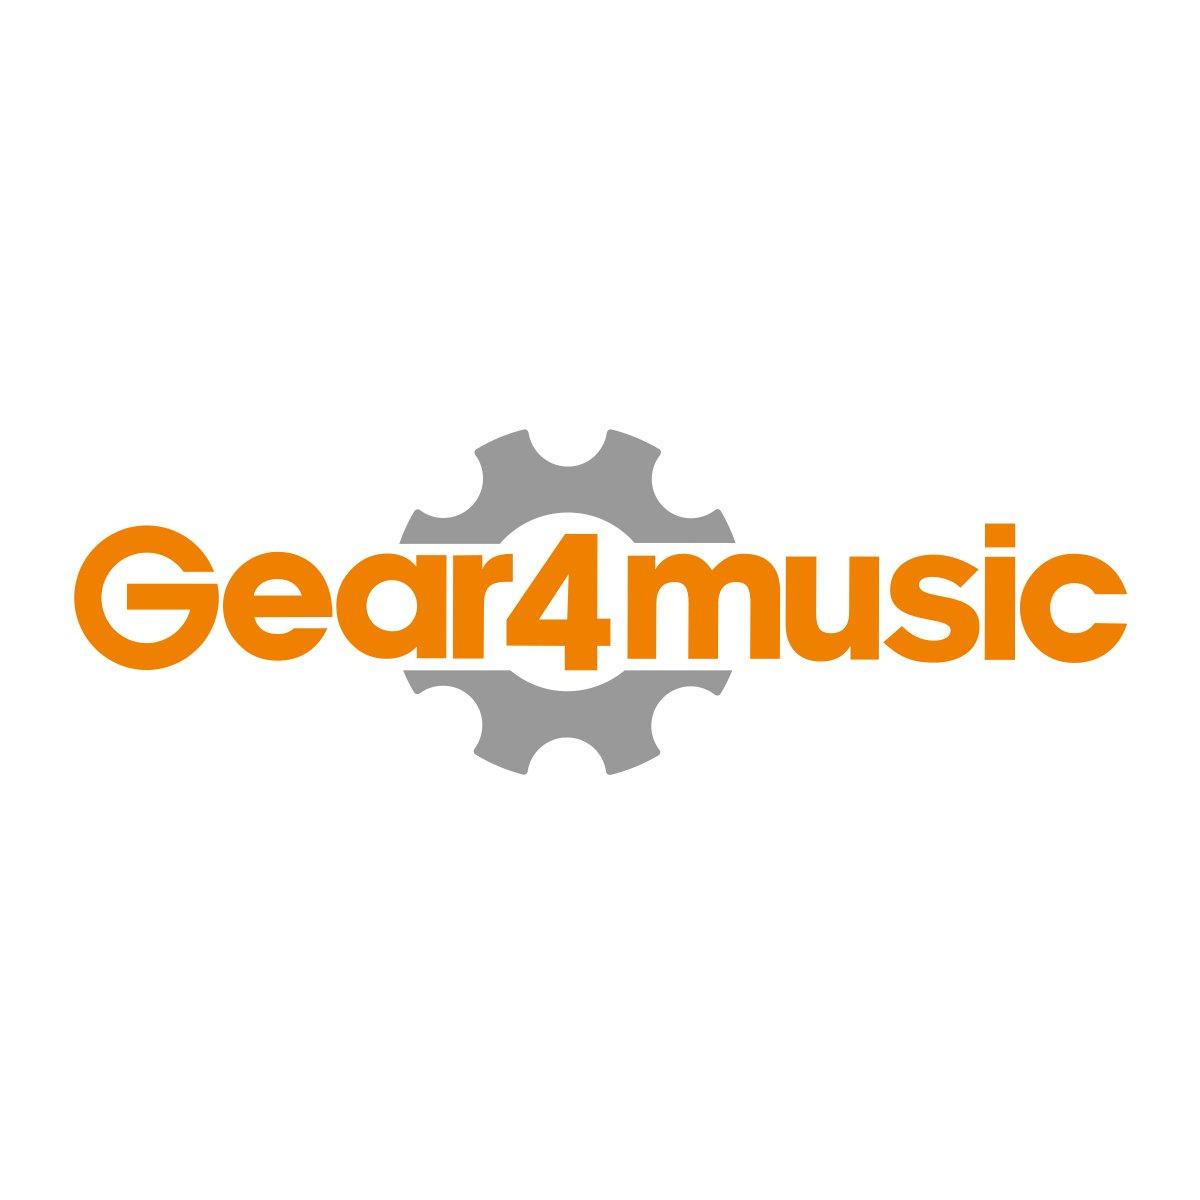 Ukulele de Gear4music, Branco